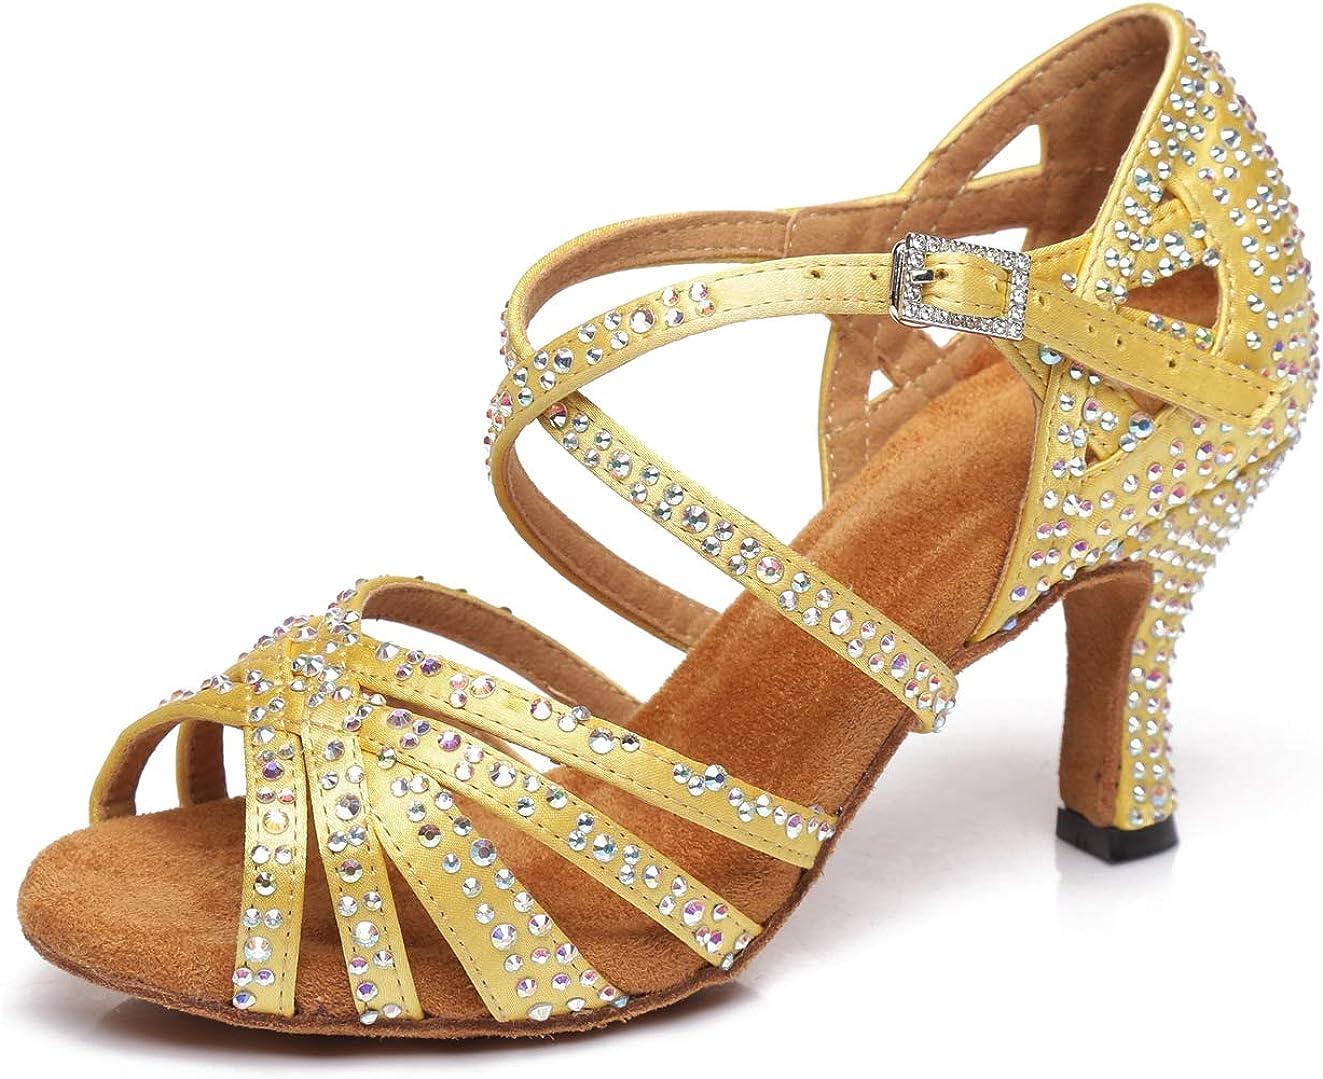 Minitoo L423 Chaussures de danse /à bout ouvert pour femme